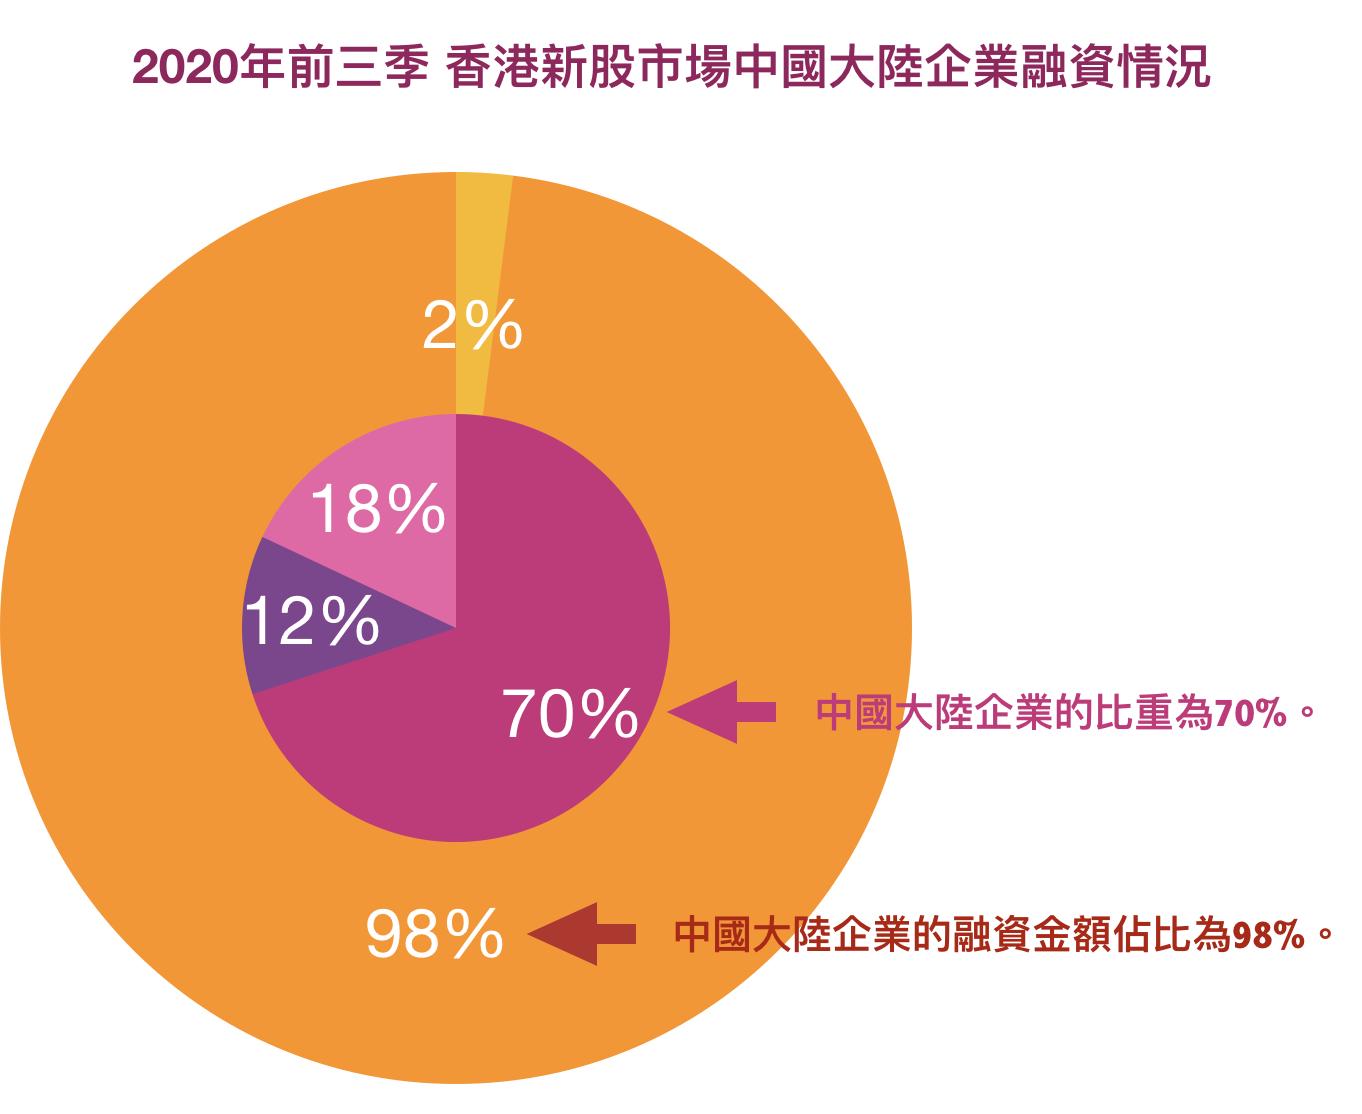 德勤曾發佈報告指,2020年前三季度,港股市場新股數量方面,中國大陸企業的比重為70%,而新股集資的金額方面,中國大陸企業的融資金額佔比為98%,約為2,099億港元。(大紀元製圖)